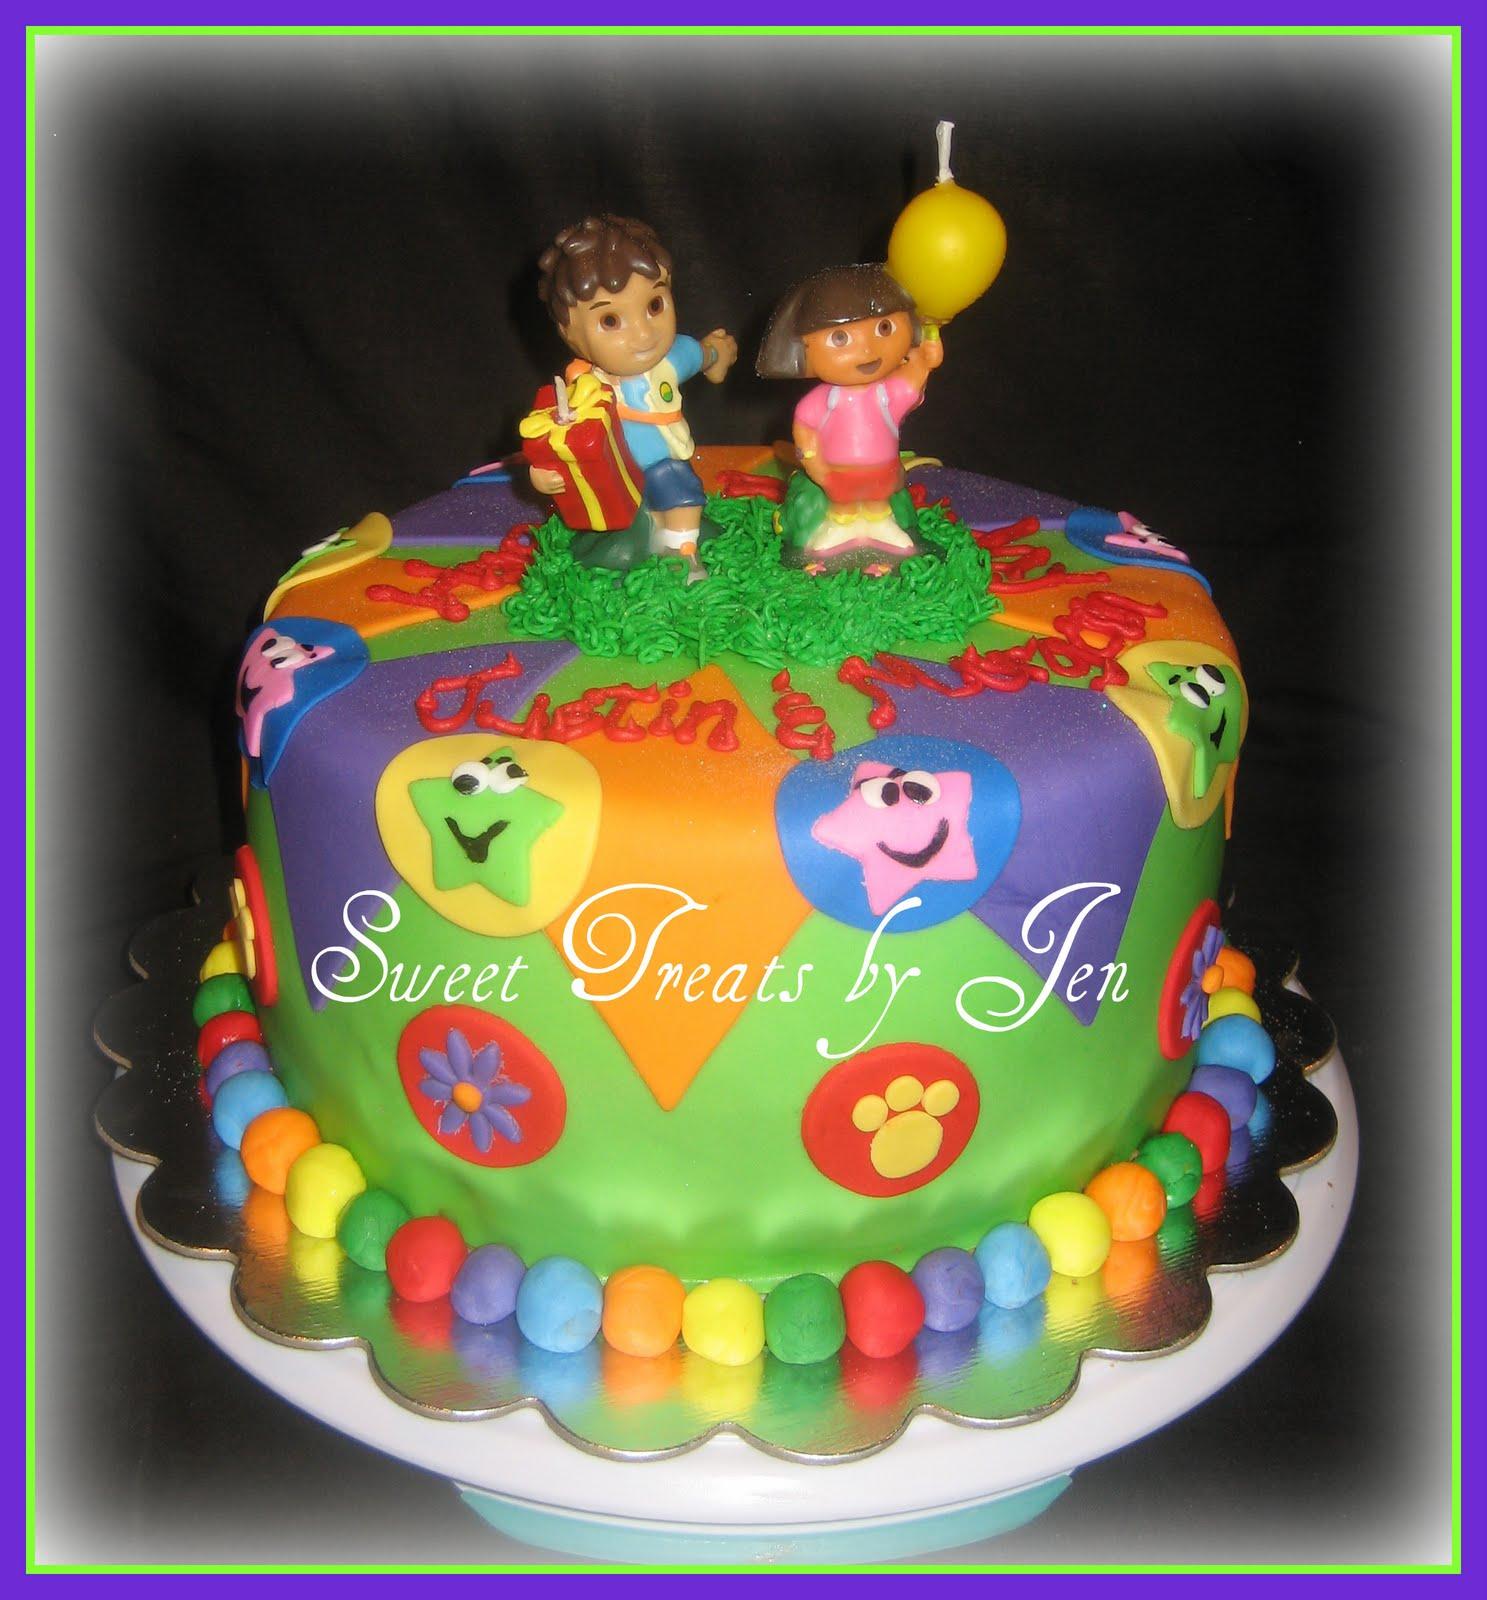 SweetTreats By Jen: More Kids Cakes